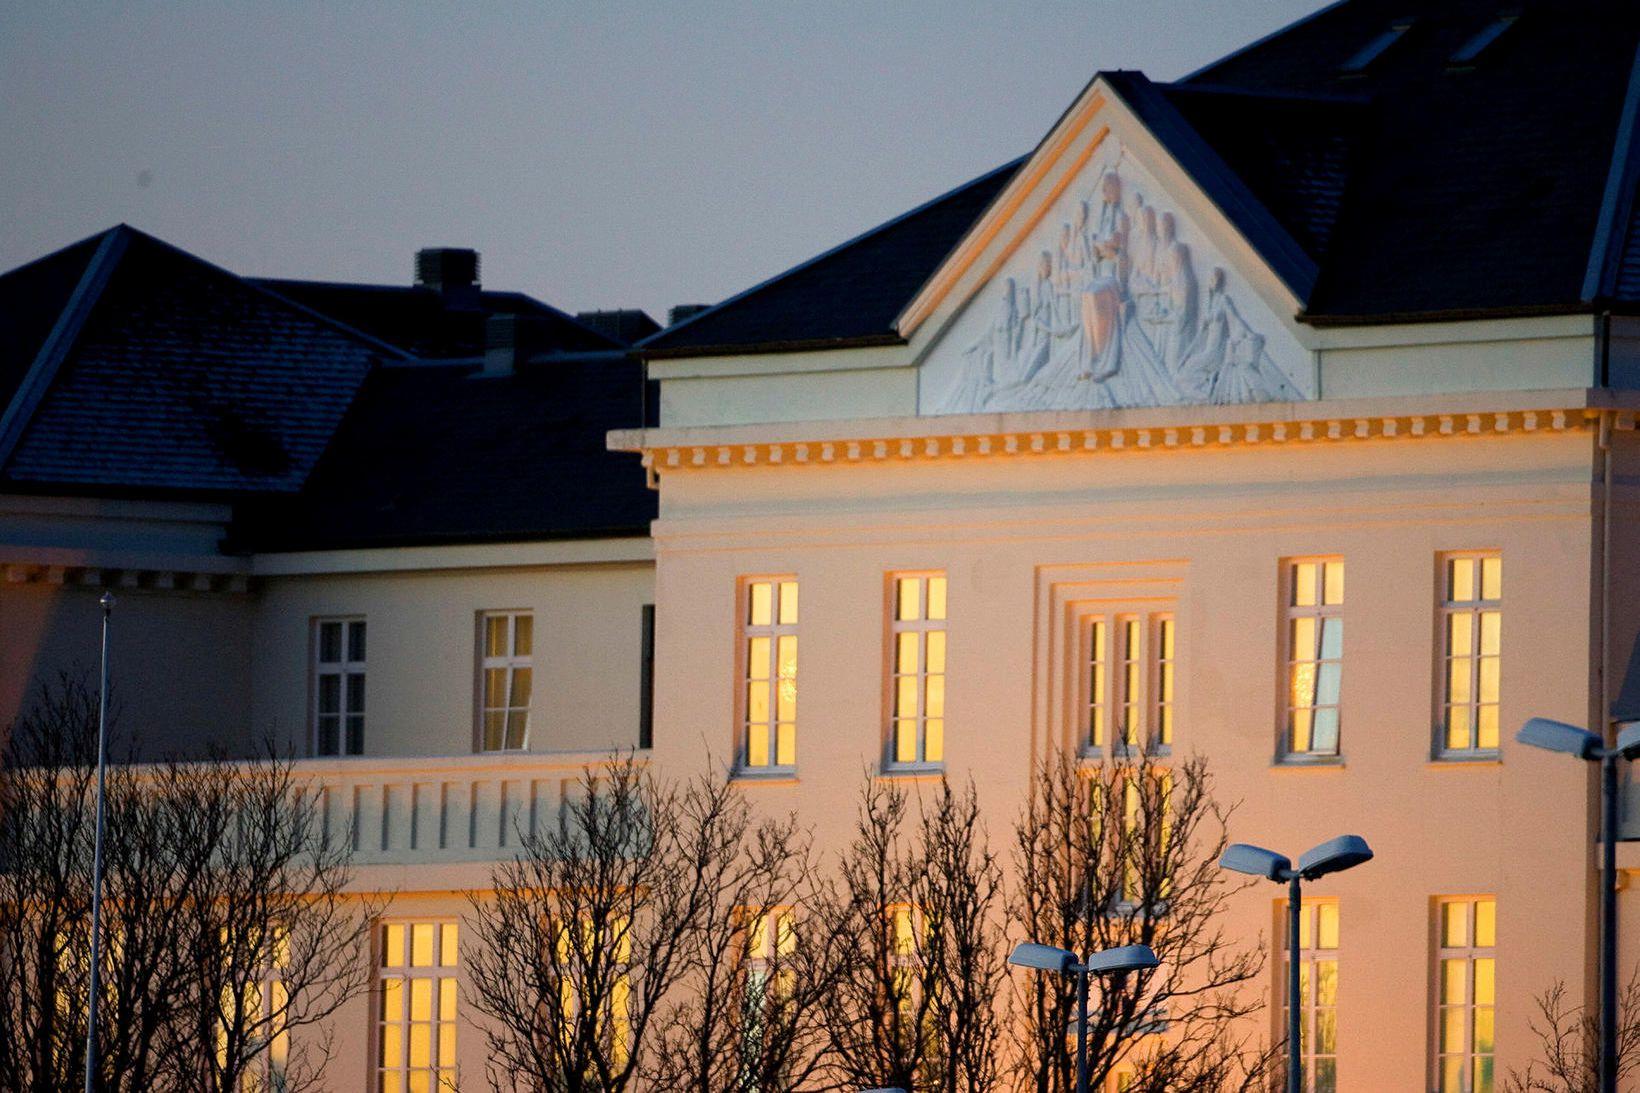 Fjórir eru inniliggjandi á Landspítala vegna Covid-19.